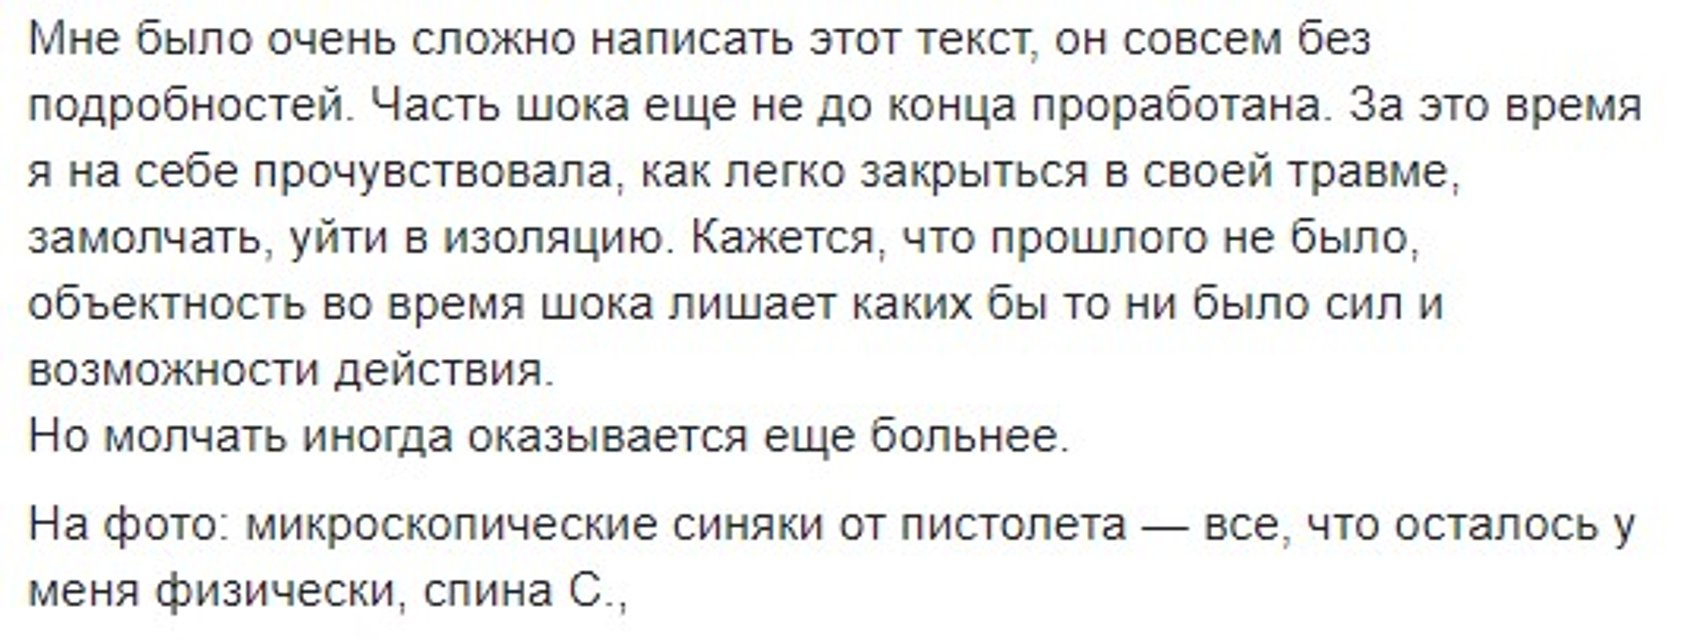 Российская художница рассказала о пытках в оккупированном Донецке - фото 132869